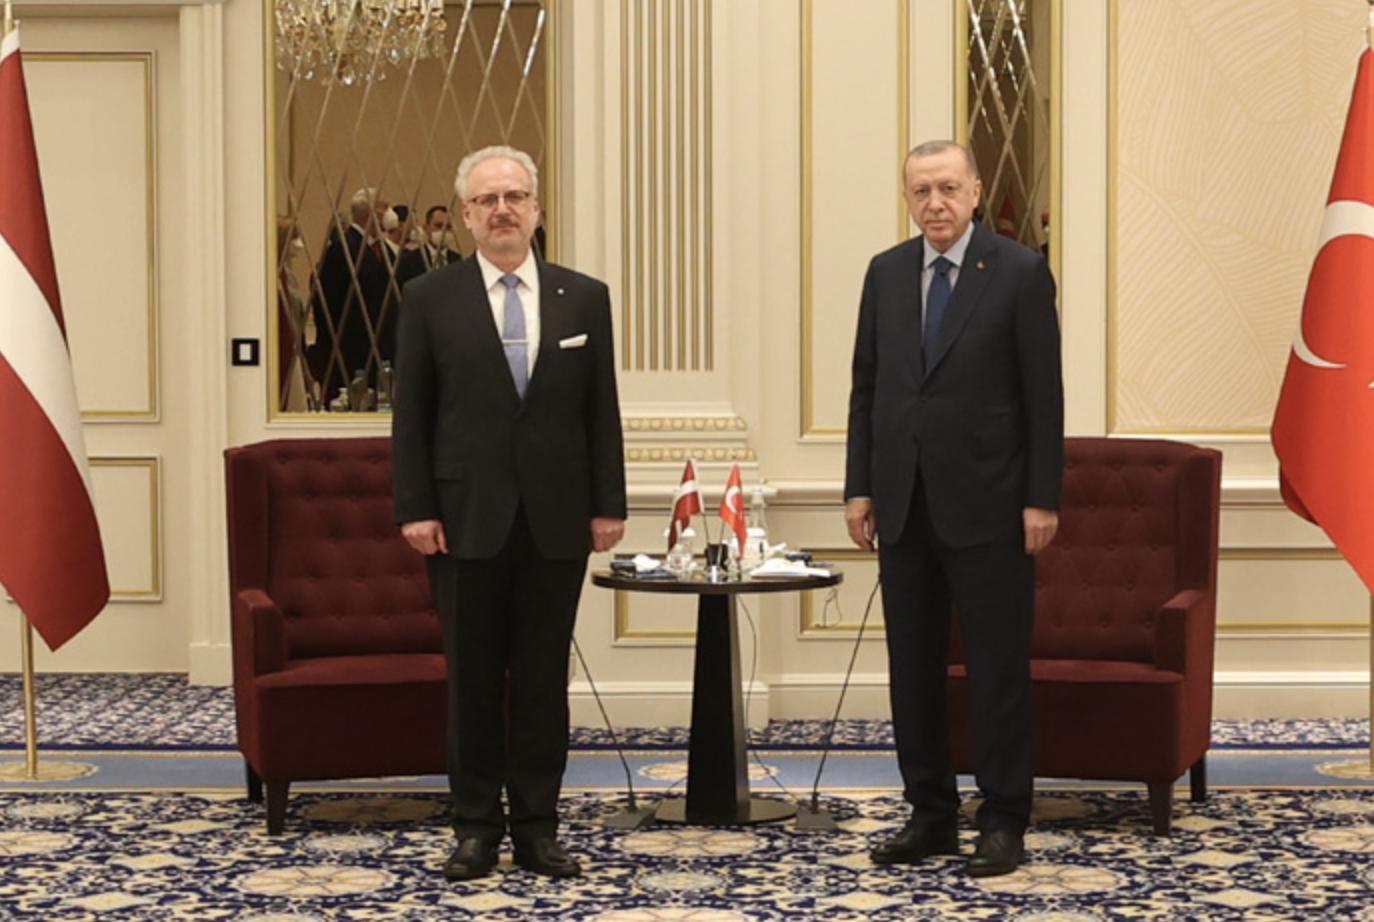 Τουρκία: Ξεκίνησε τις επαφές του στις Βρυξέλλες ο Erdogan στο πλαίσιο του ΝΑΤΟ